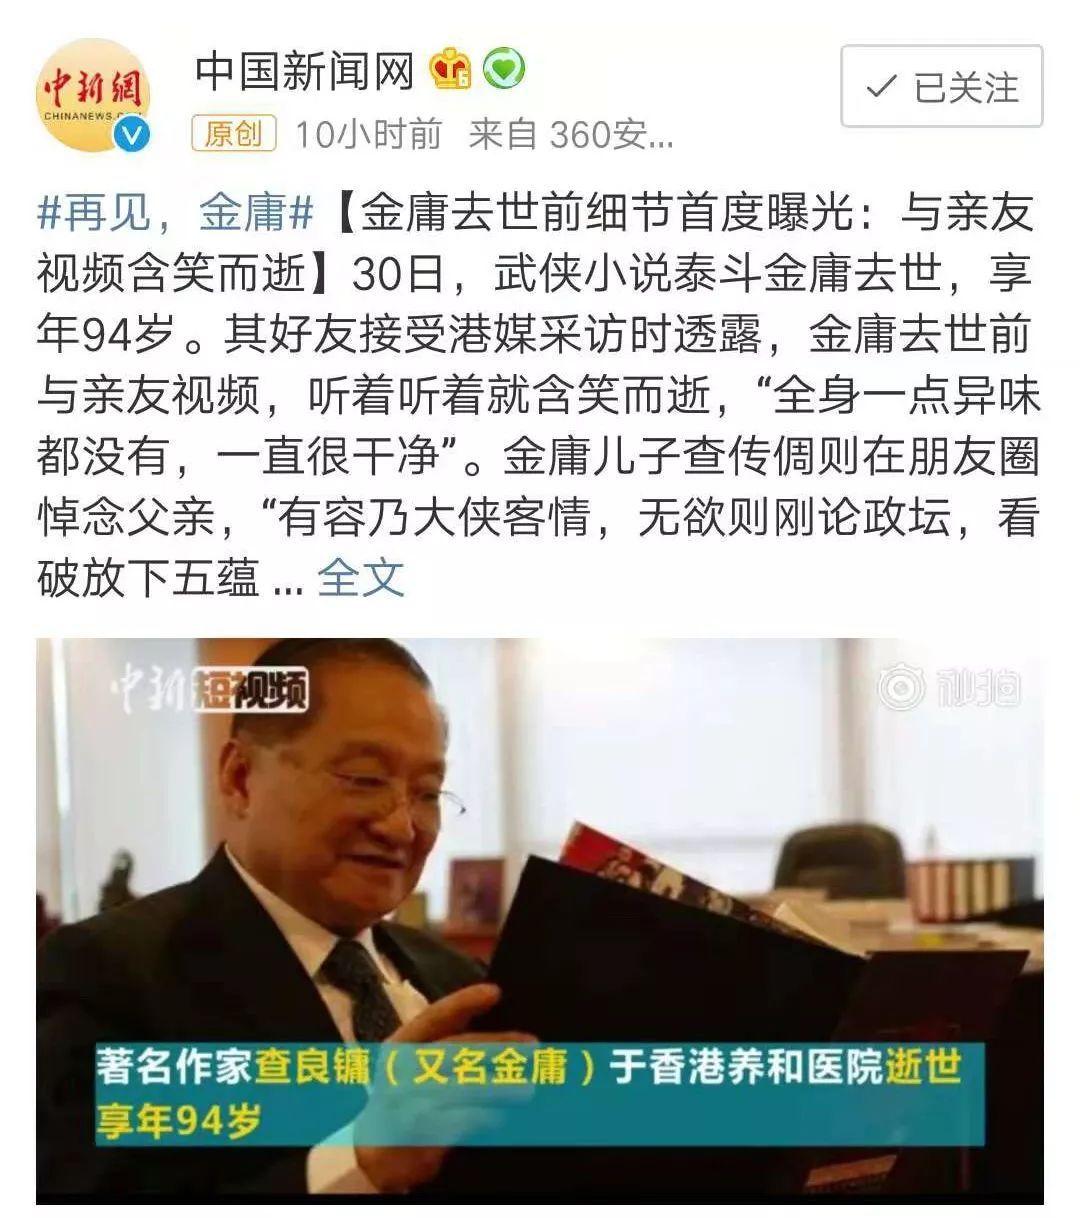 金庸先生仙逝!身患严重心脏病的他,为何还能高寿94岁?